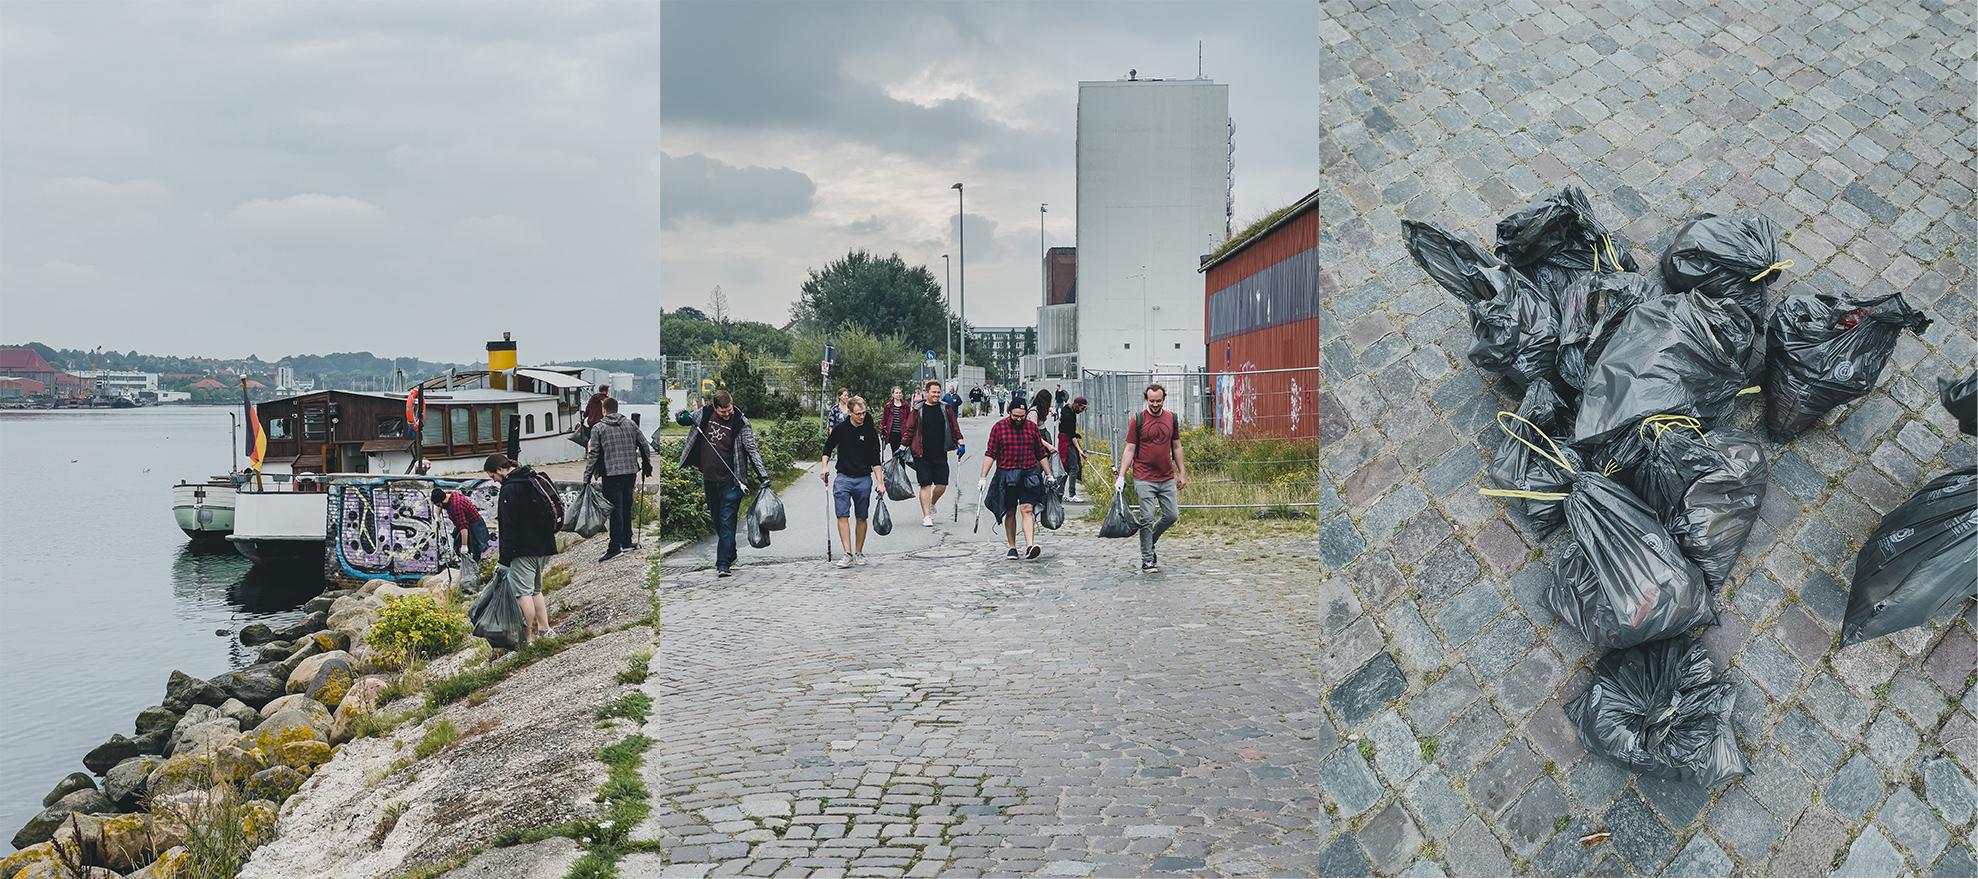 2021-09-10_grenzenloes_Daag_4